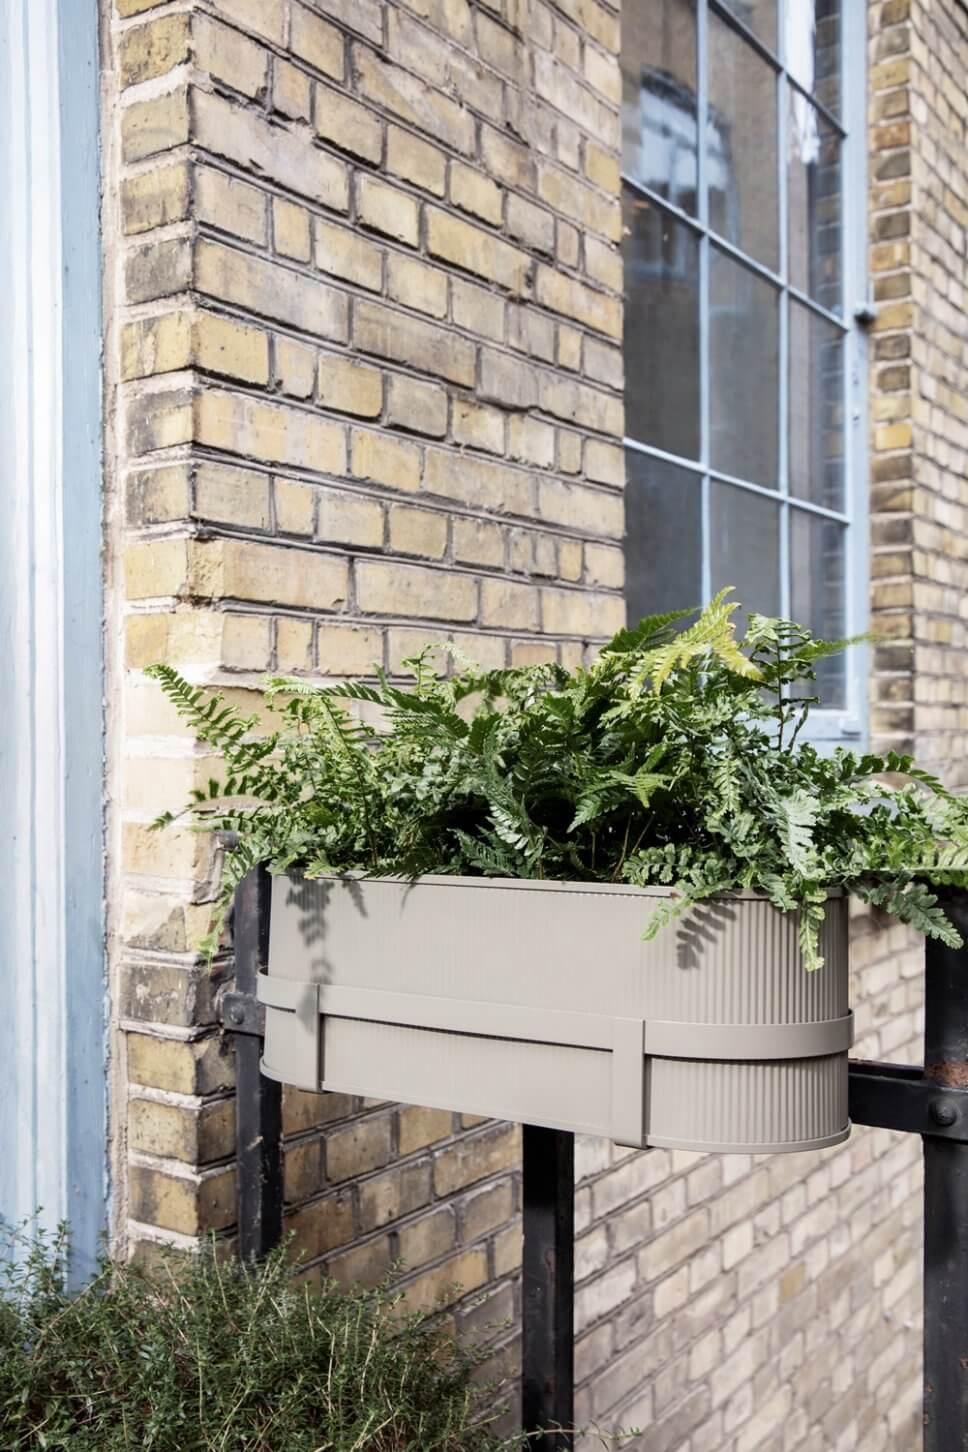 Mit Farn bepflanzter Balkonkasten auf Balkon